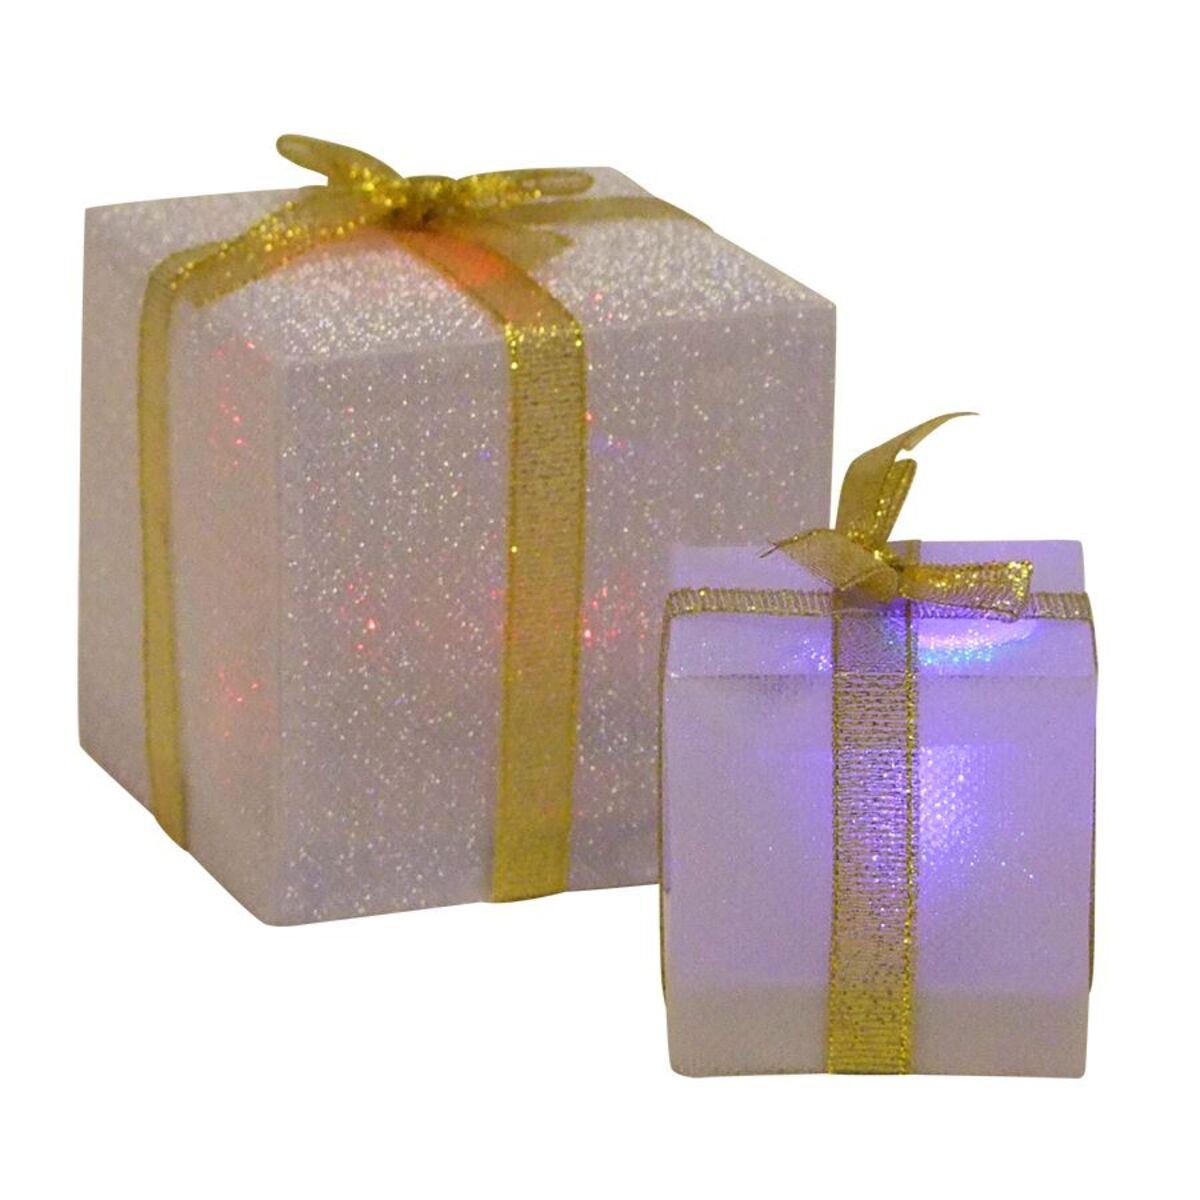 Bild 5 von LED-Geschenkpäckchen mit Farbwechsler 7,5cm